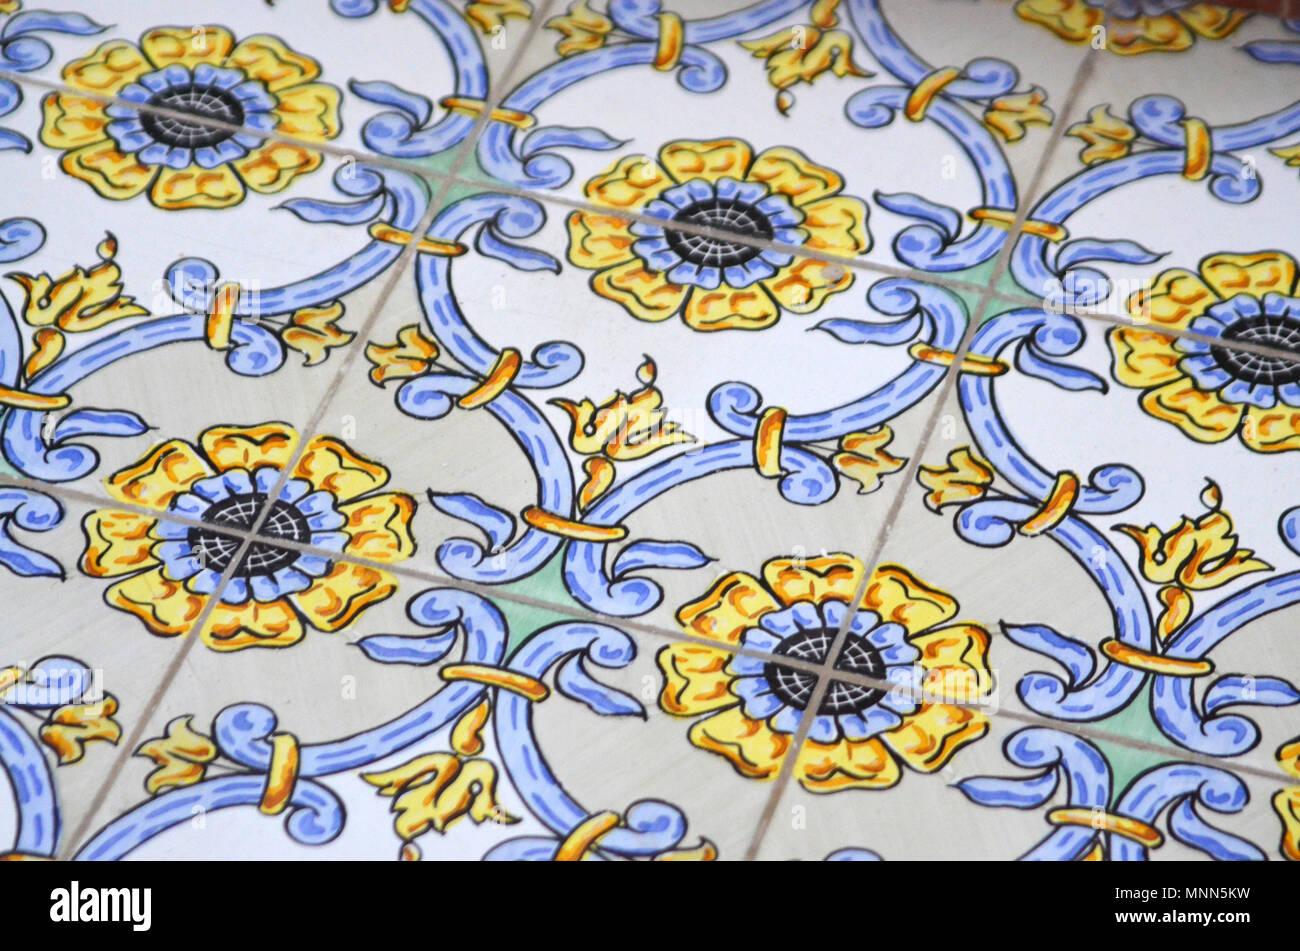 Italienische Fliesen Mit Blumenmuster Stockfoto Bild 185476925 Alamy